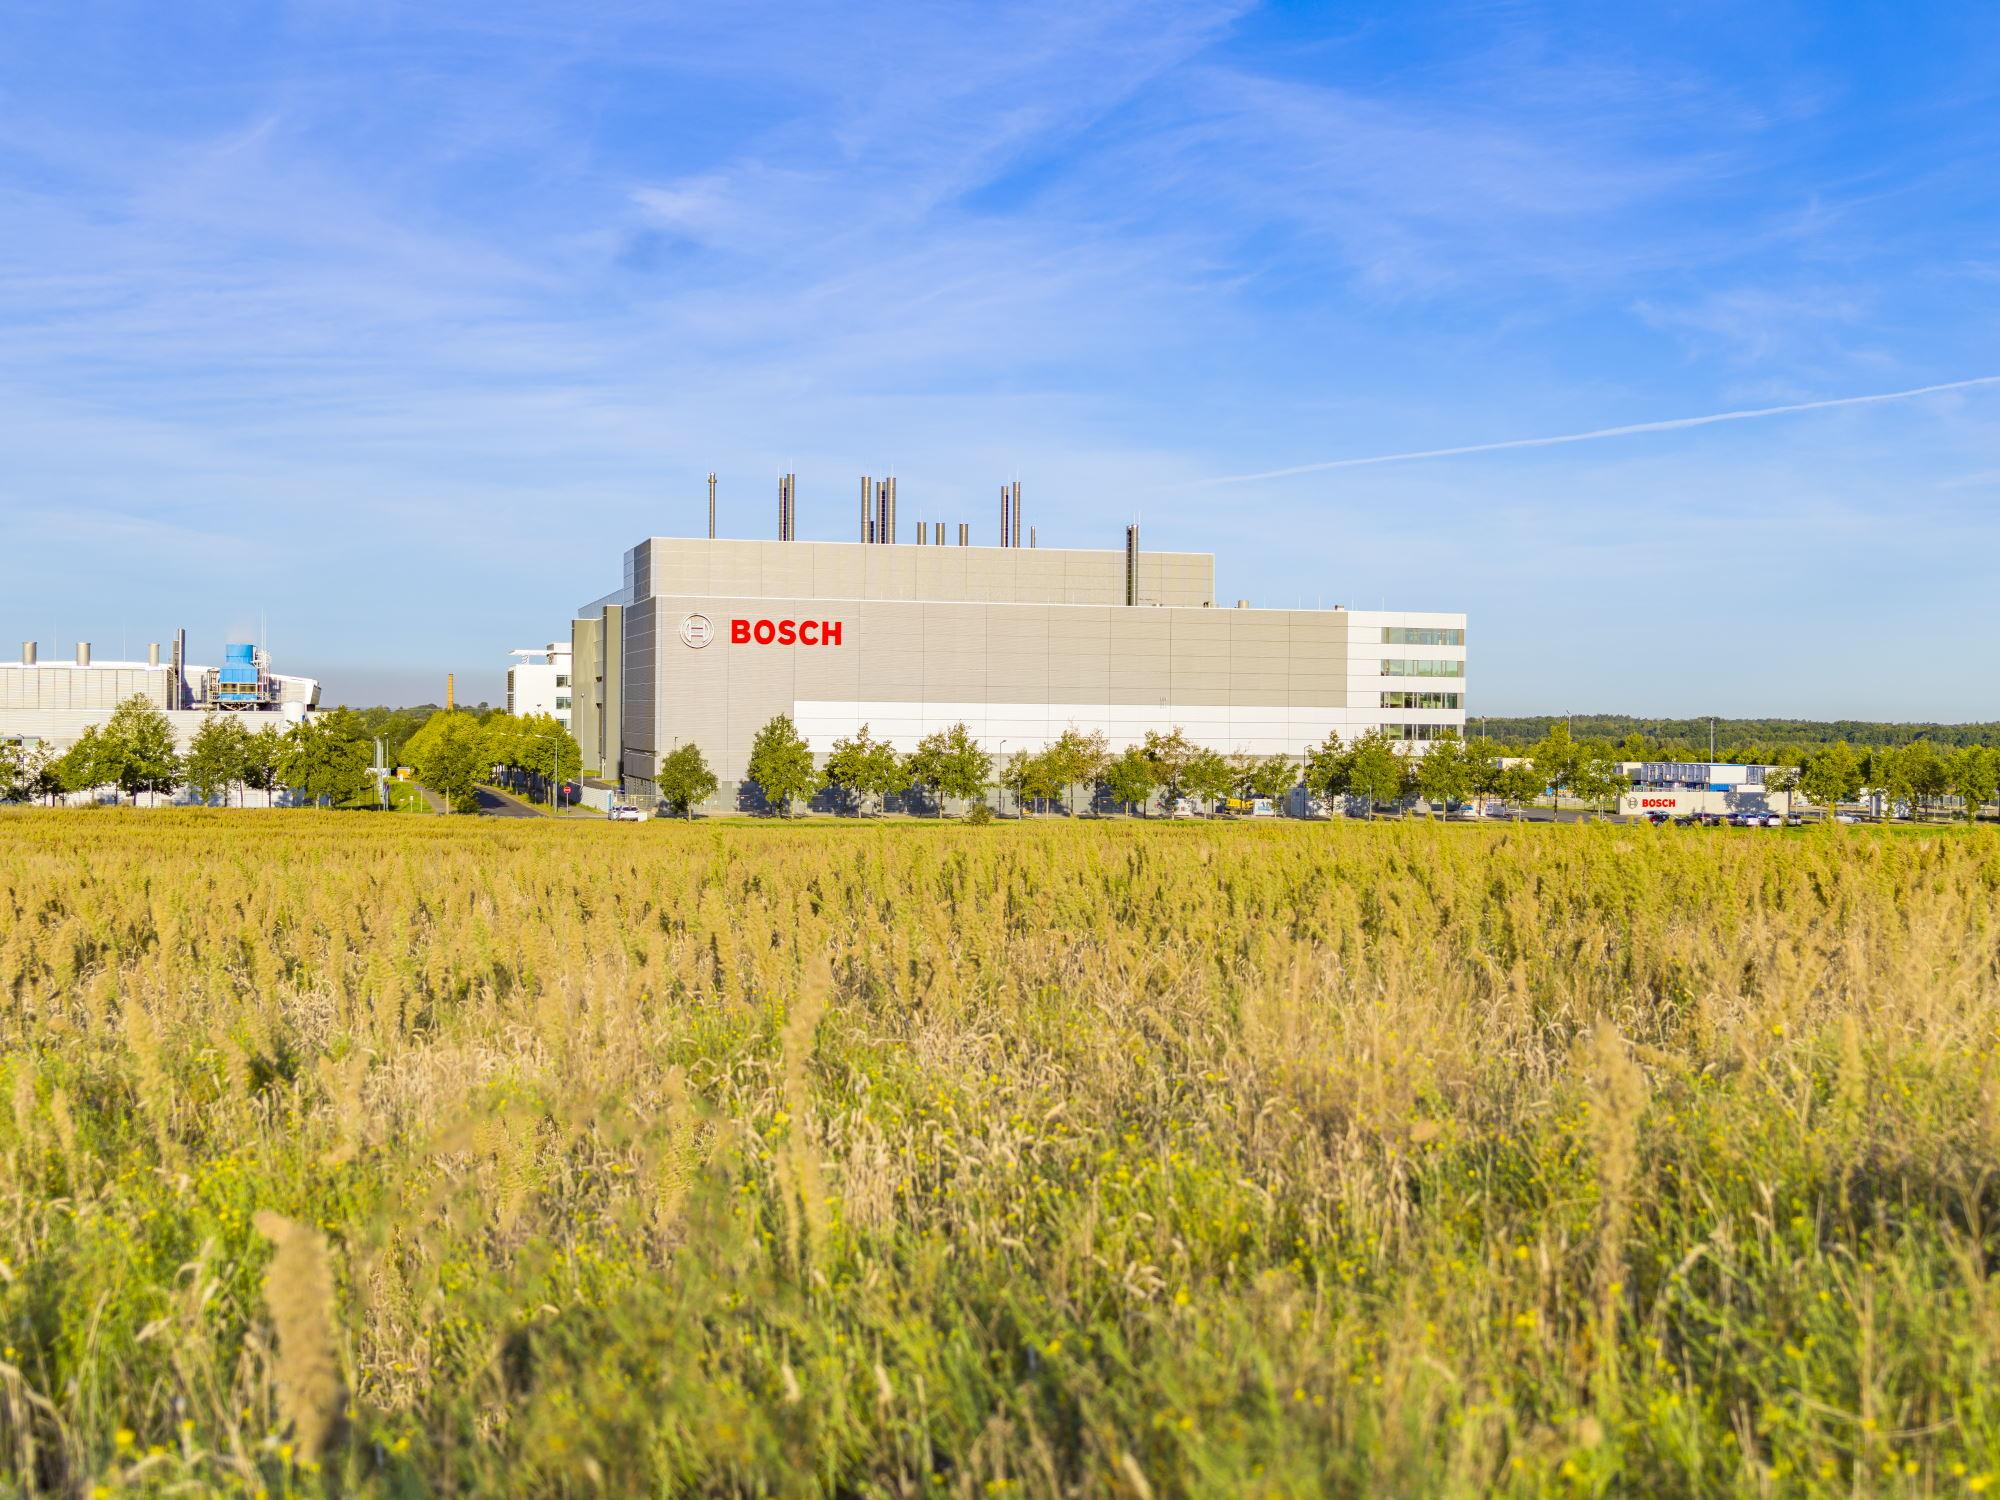 Výroba polovodičov Bosch v Drážďanoch